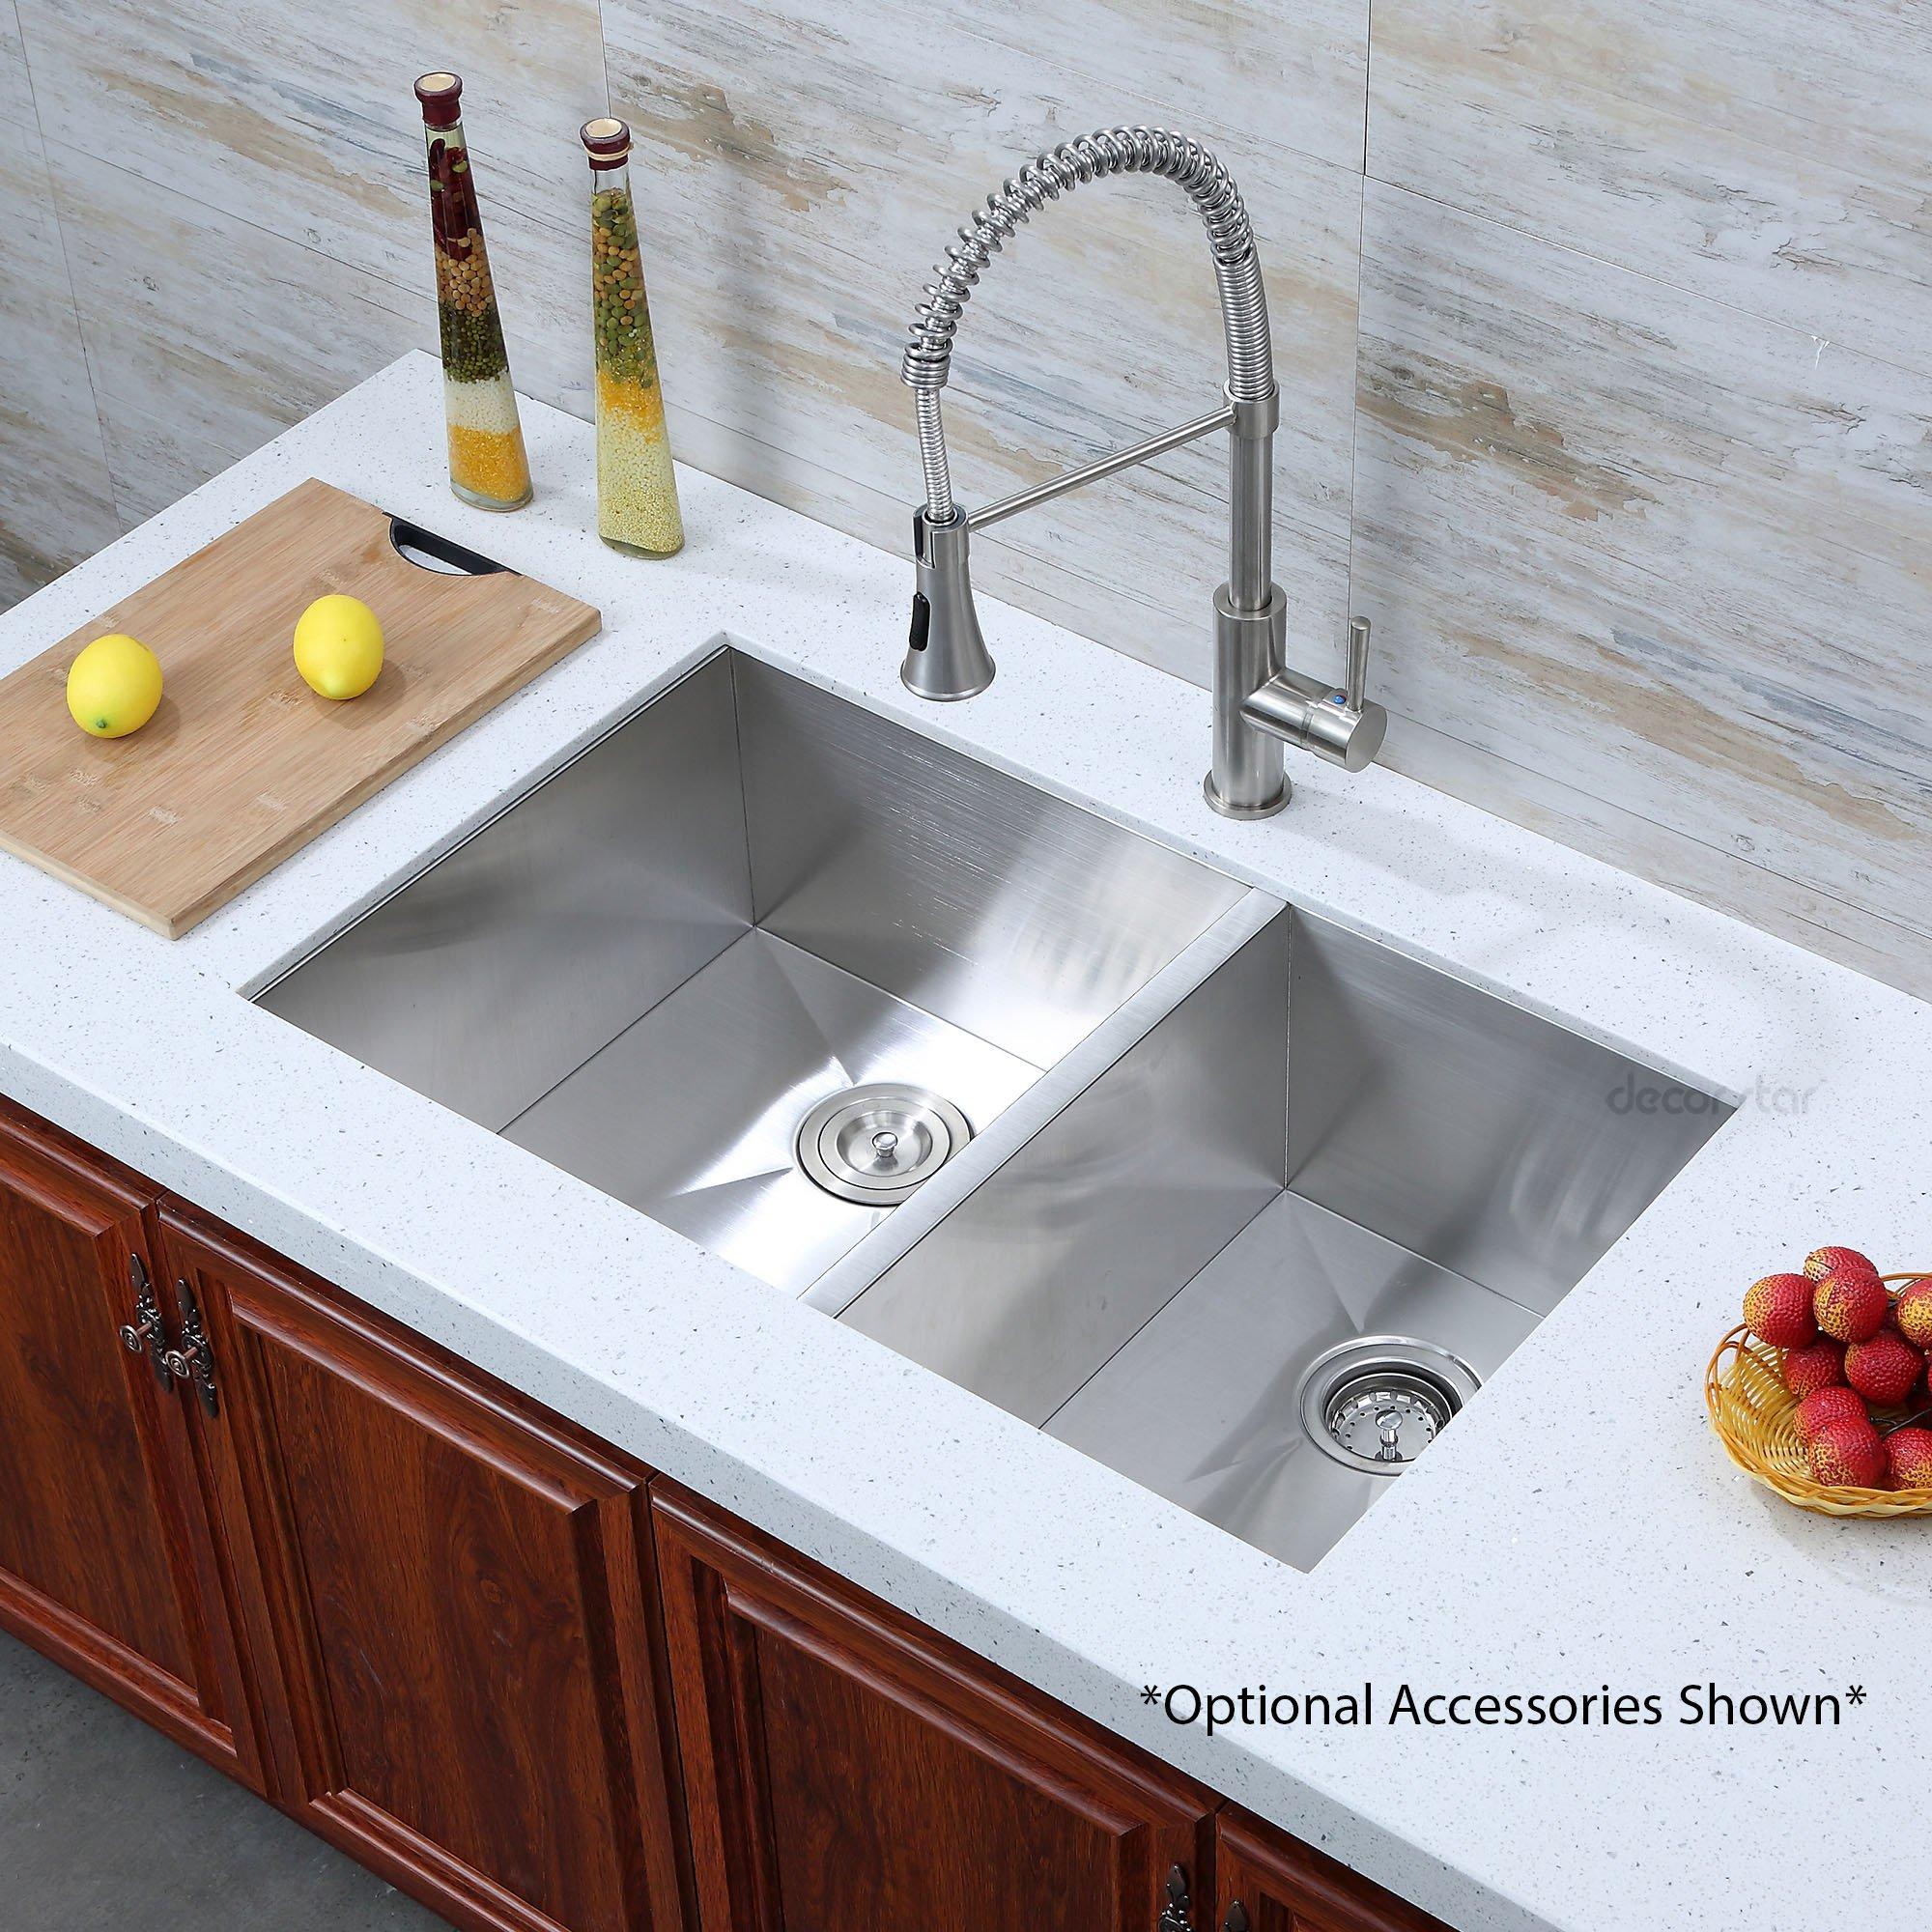 Decor Star H-003-Z 33 Inch x 20 Inch Undermount Offset Double Bowl 16 Gauge Stainless Steel Luxury Handmade Kitchen Sink Zero Radius